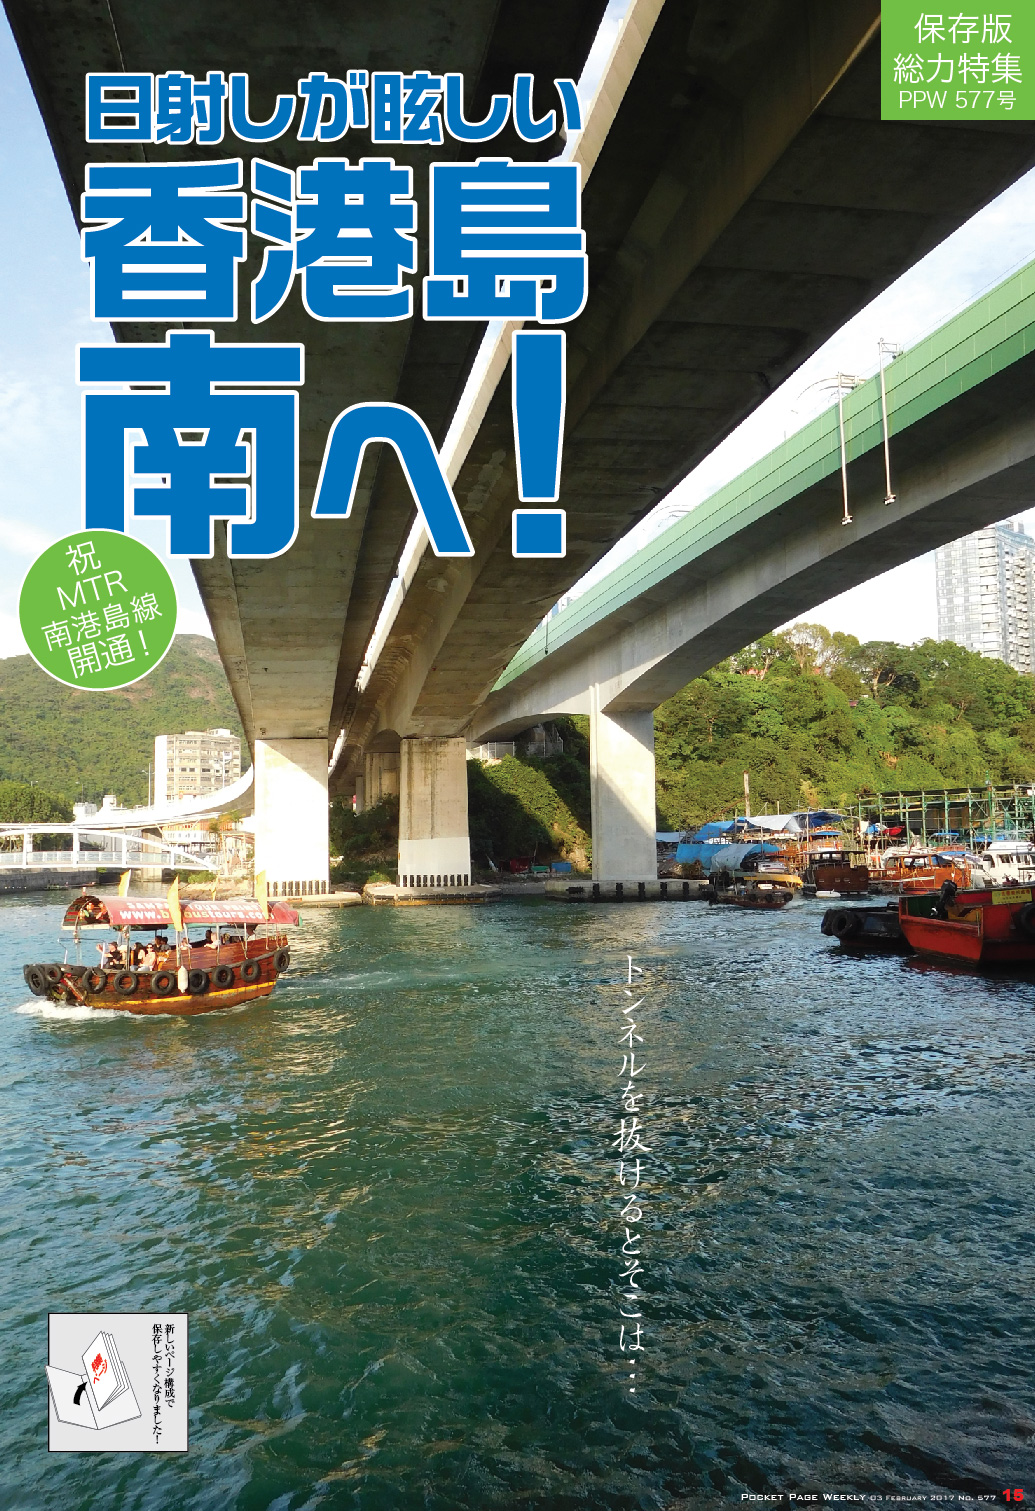 P15 MTR South_577-01